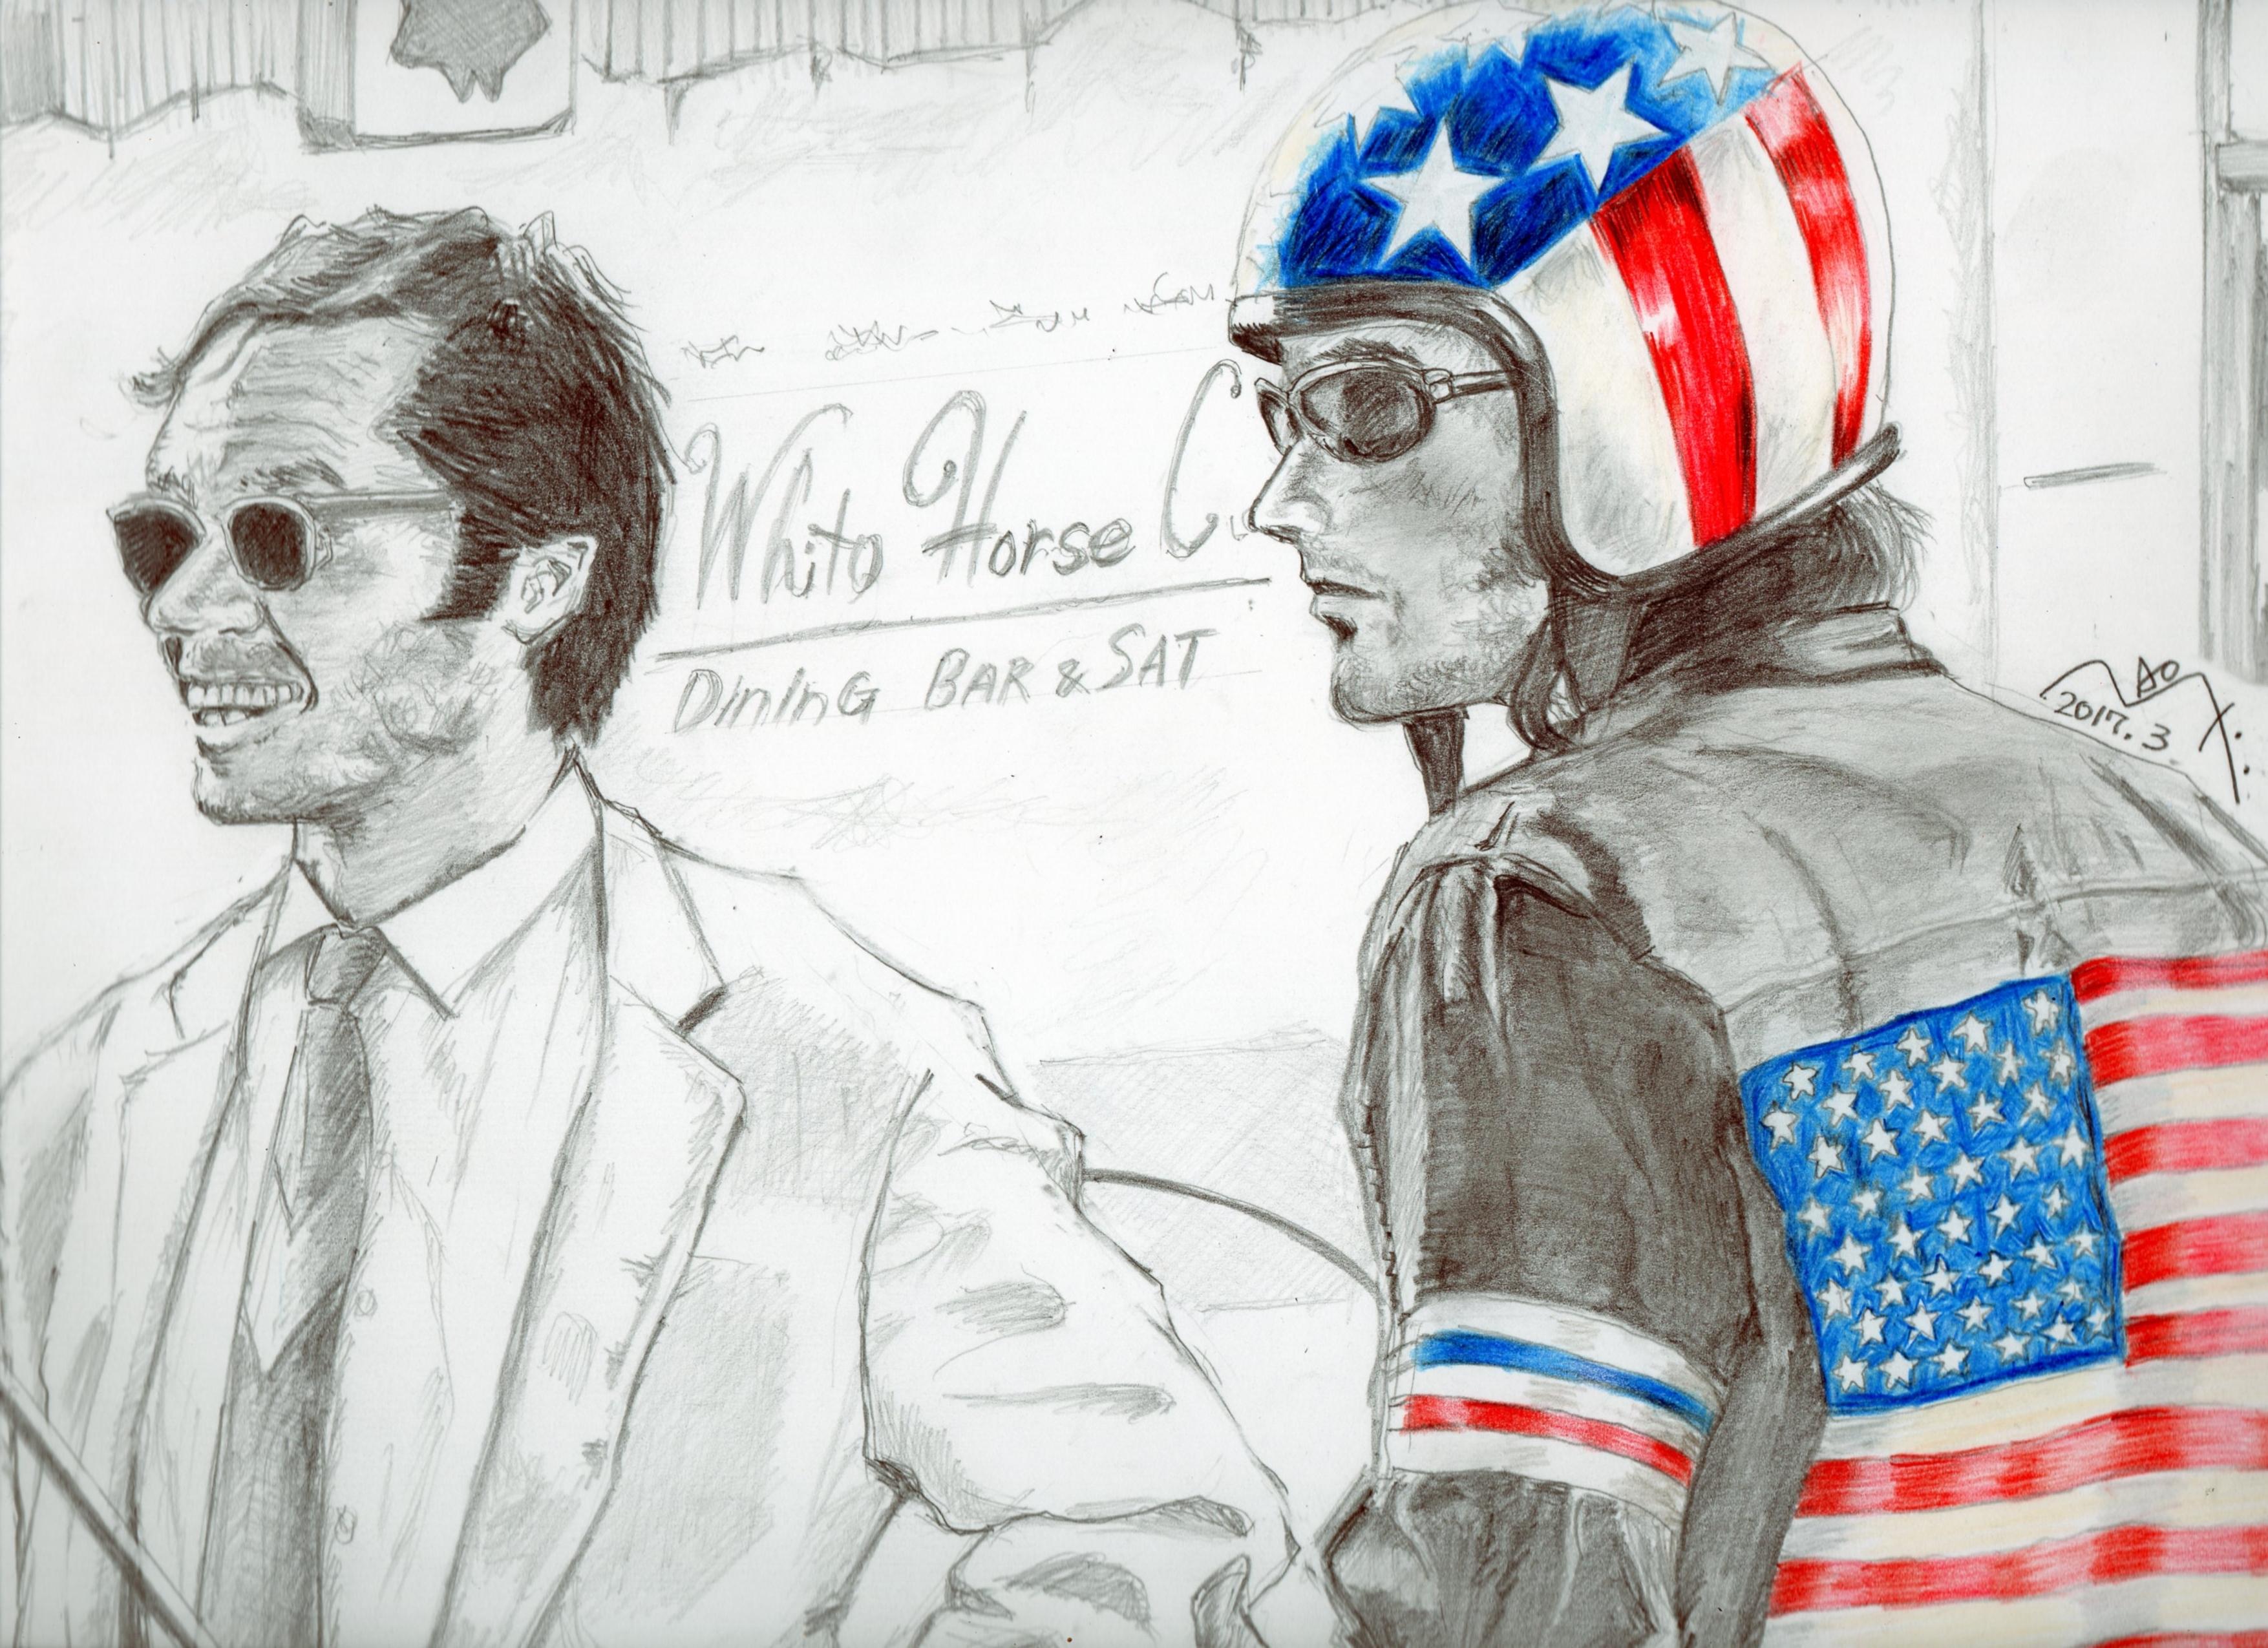 『イージーライダー』ジャック・ニコルソンとピーター・フォンダの鉛筆画似顔絵